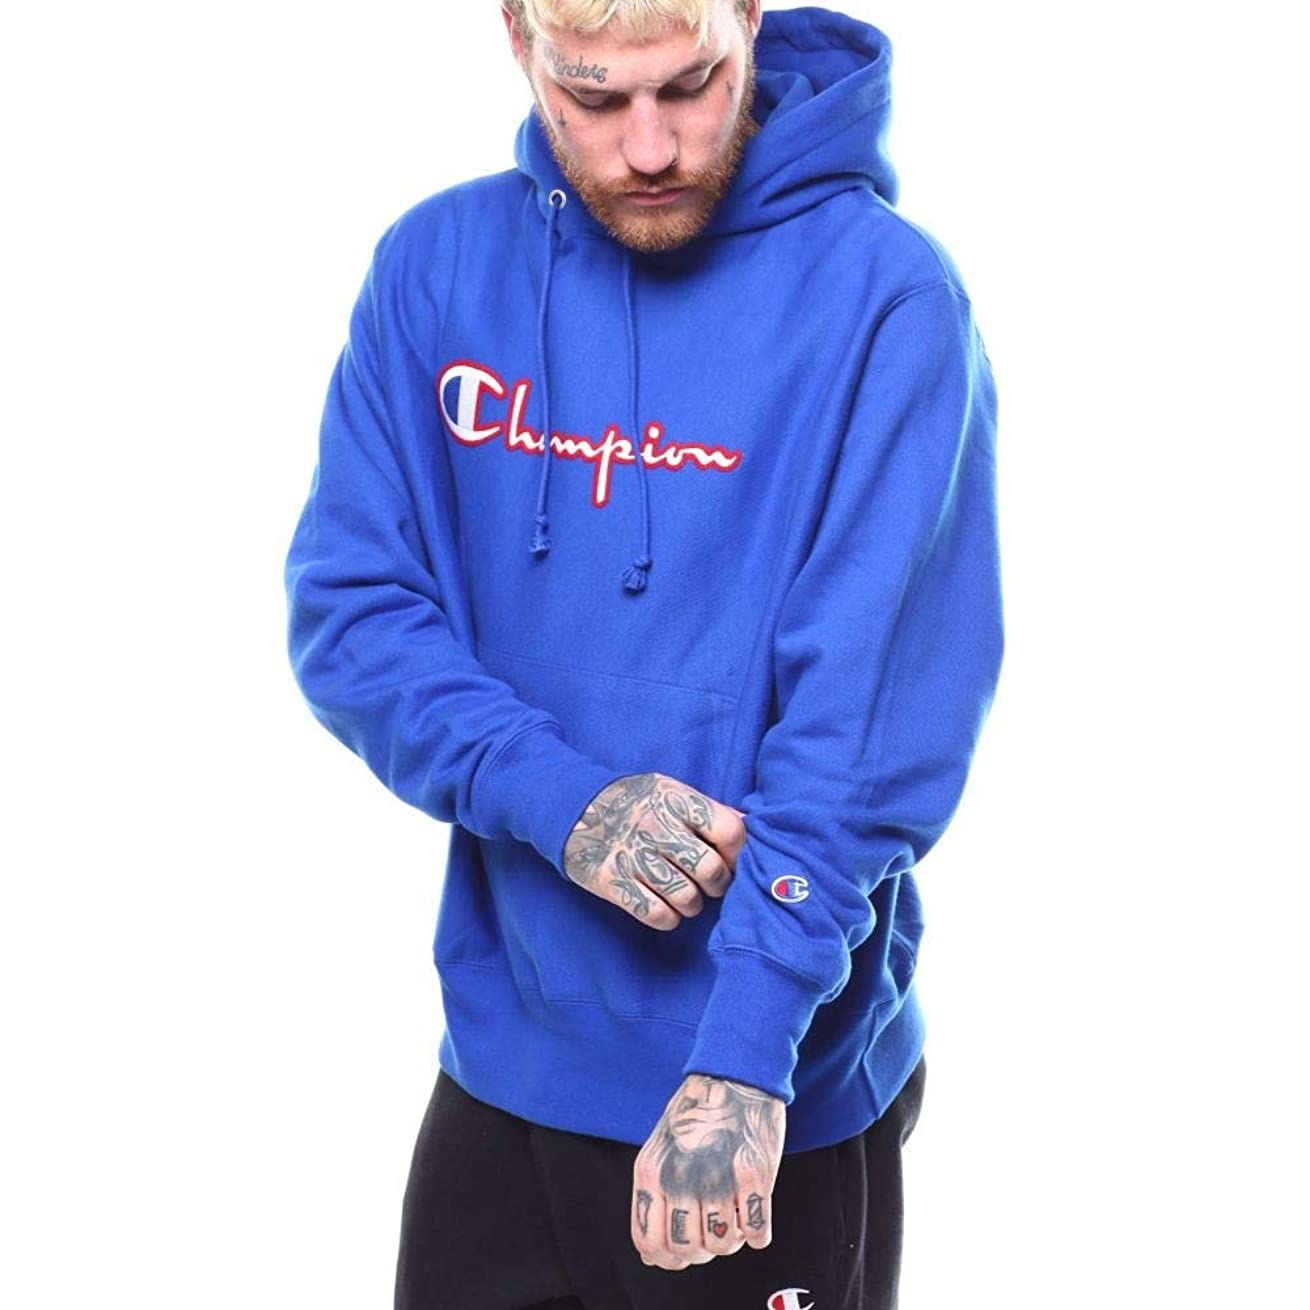 はげ悪用暴君(チャンピオン) Champion メンズ トップス パーカー reverse weave pullover hoodie felt & embroidery stitch [並行輸入品]